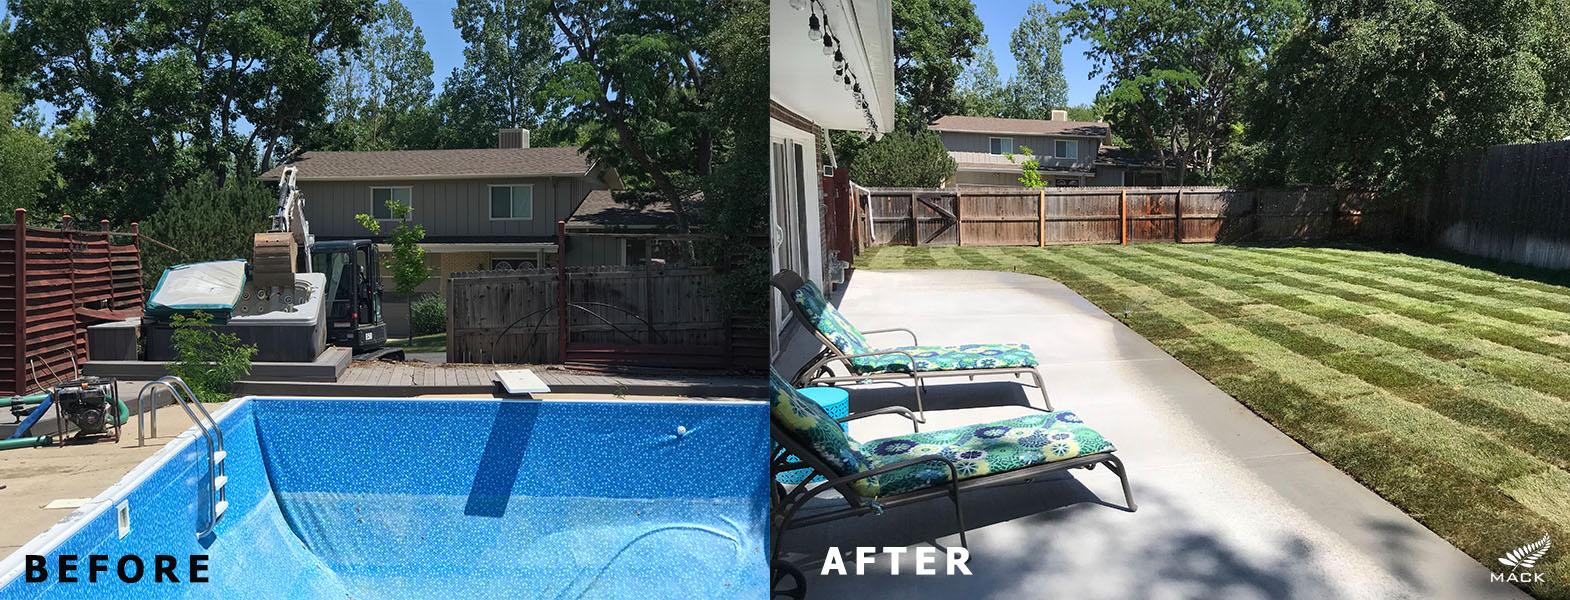 Mack Land LLC - Golden, Colorado Liner Pool Removal